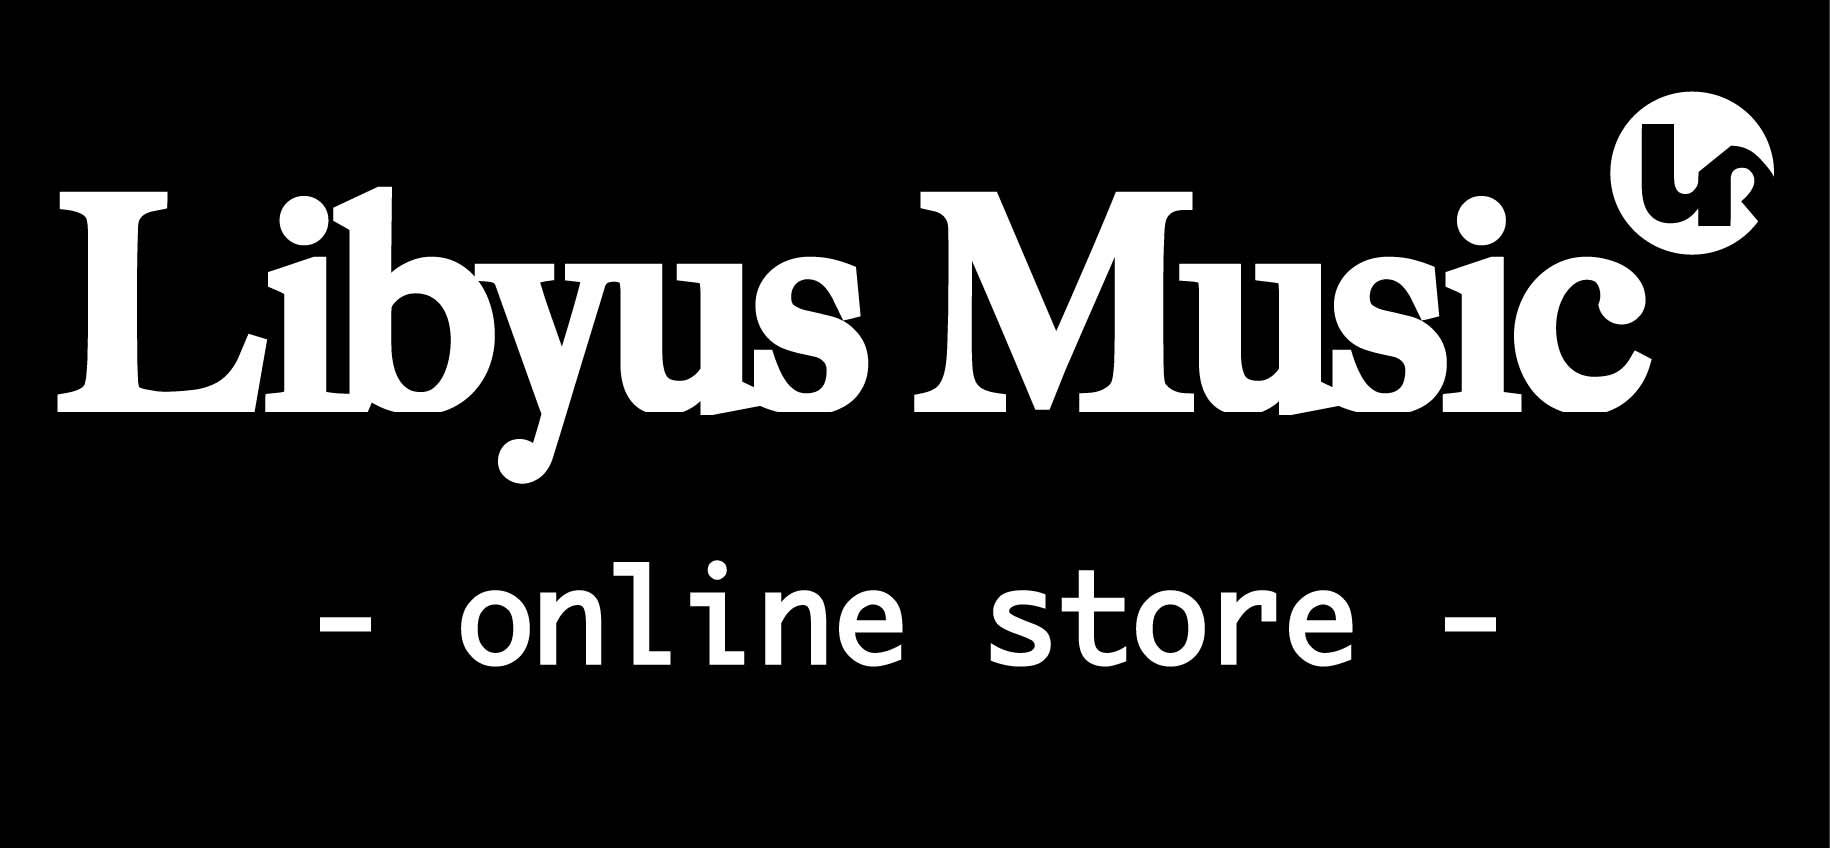 online_store_logo.jpg